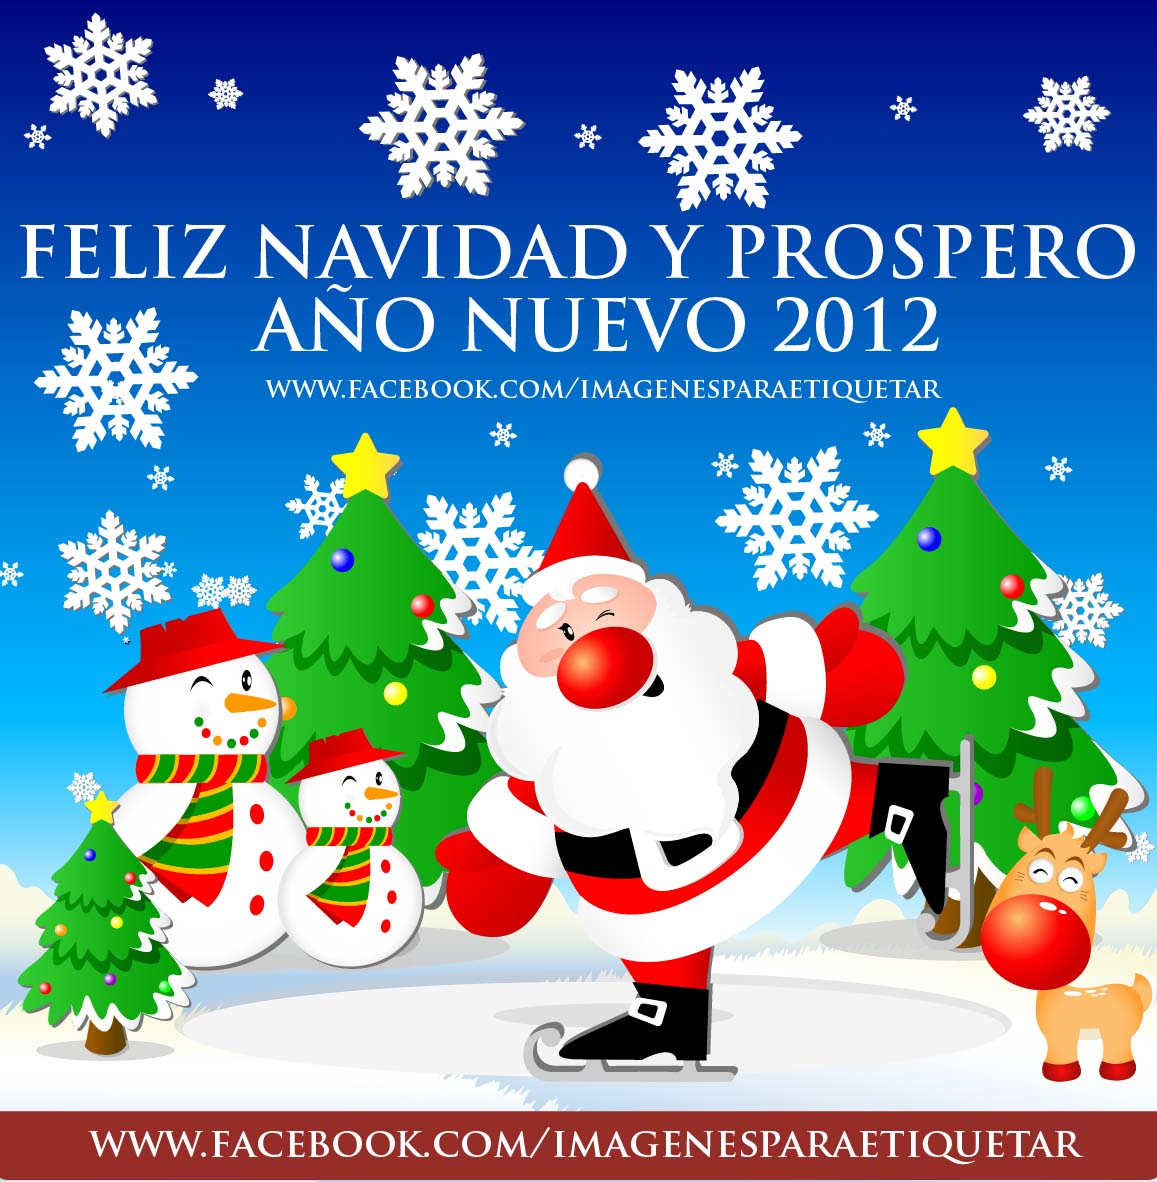 Nuevas Frases de Navidad para muro de Facebook 2012